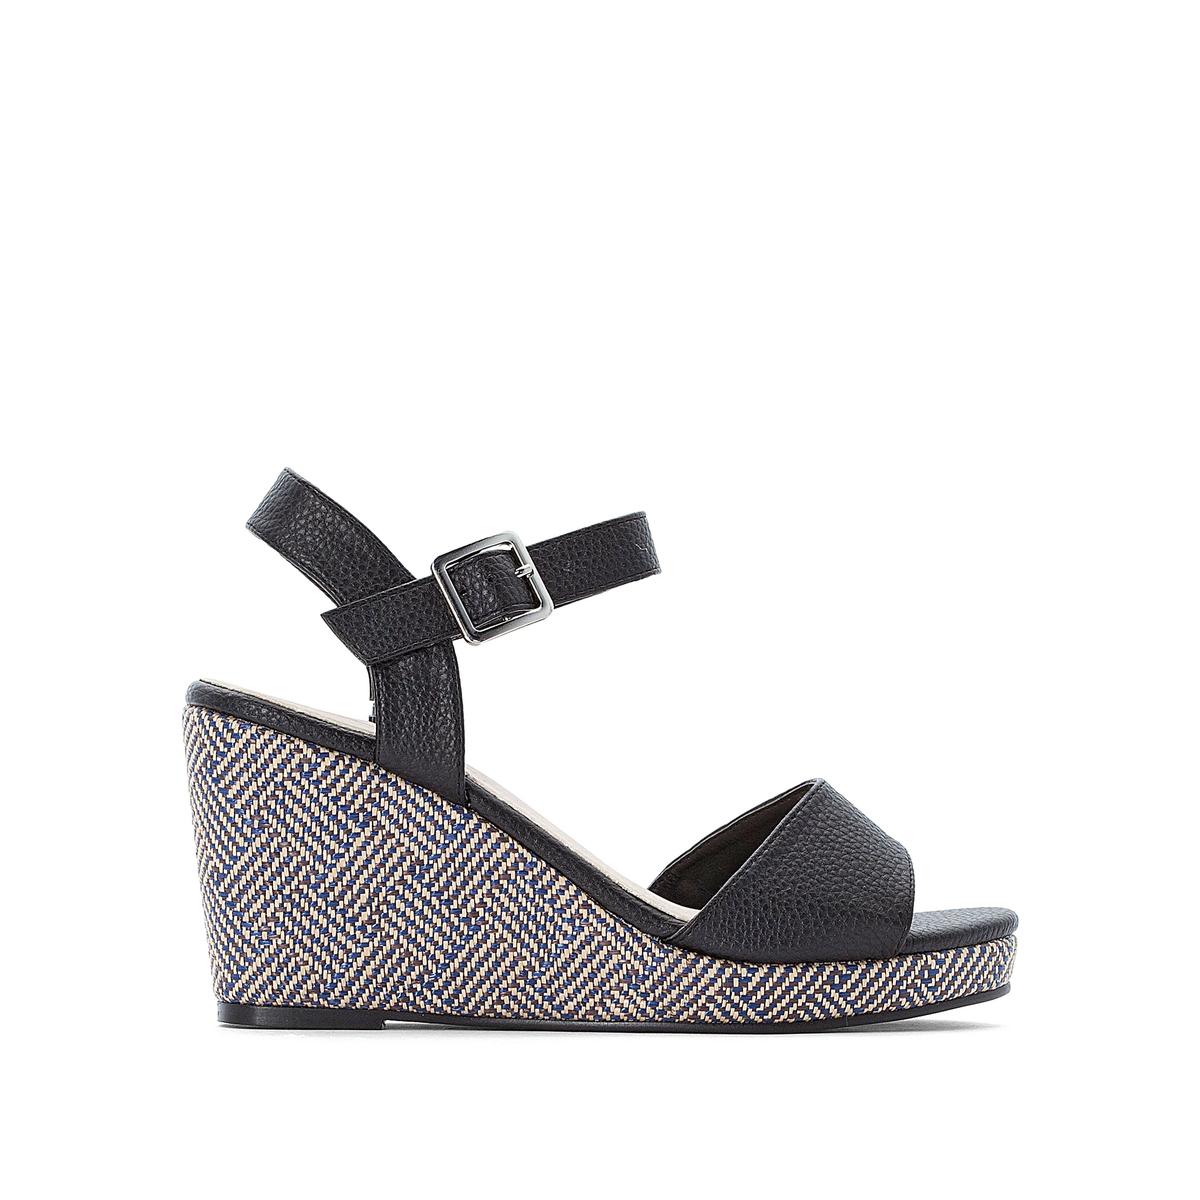 Sandálias compensadas, especial pés largos, do 38 ao 45